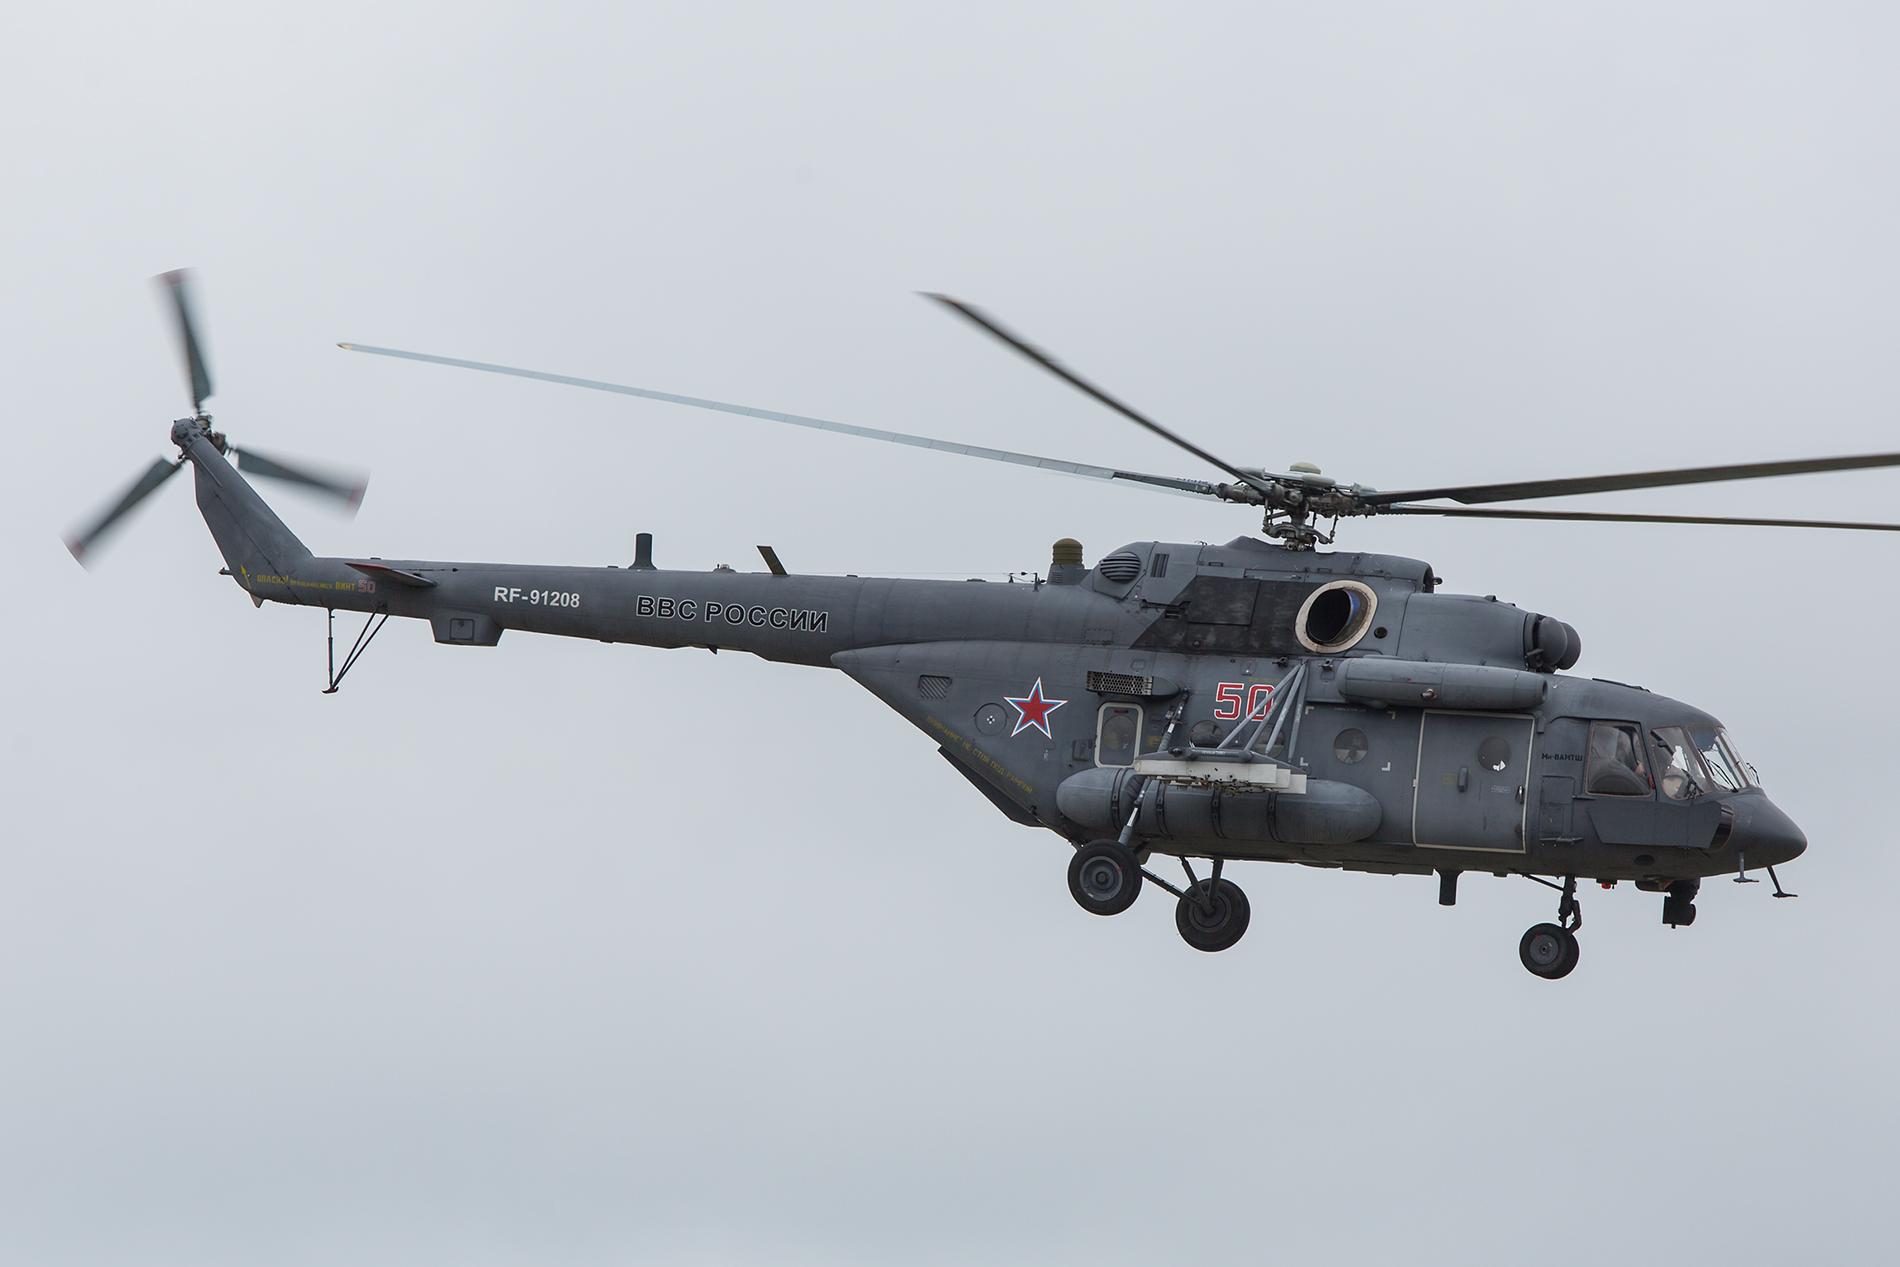 Mil Mi-171 mit geradem Hecktor.